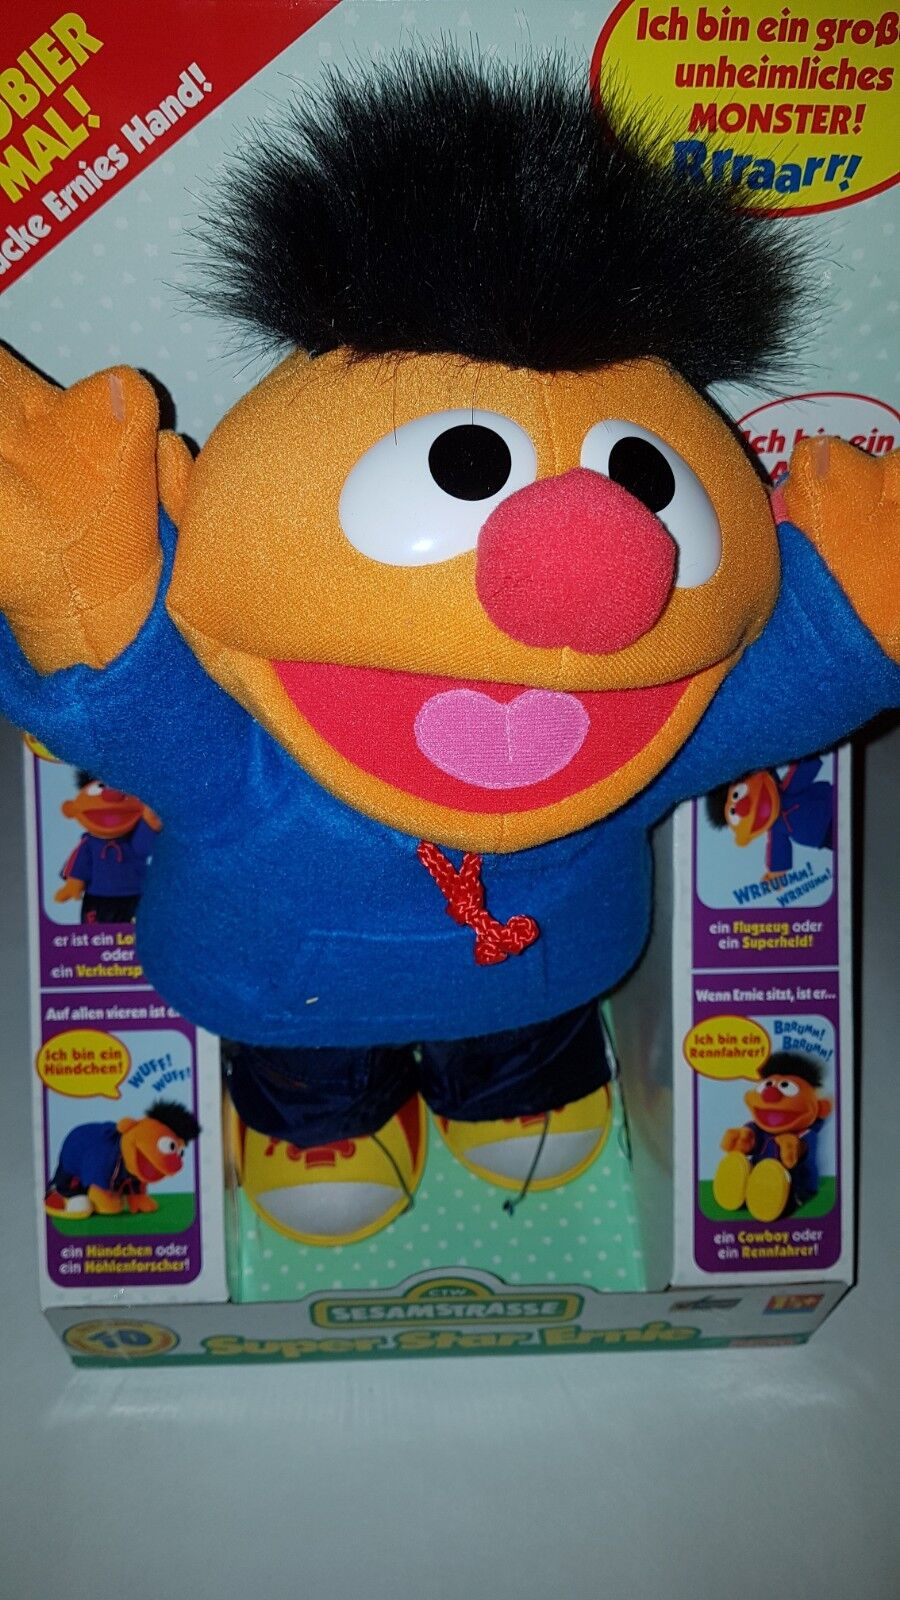 Super Star Ernie Superstar Fisher-Price Ovp Sesamstrasse Bewegung & Ton - ab 18M